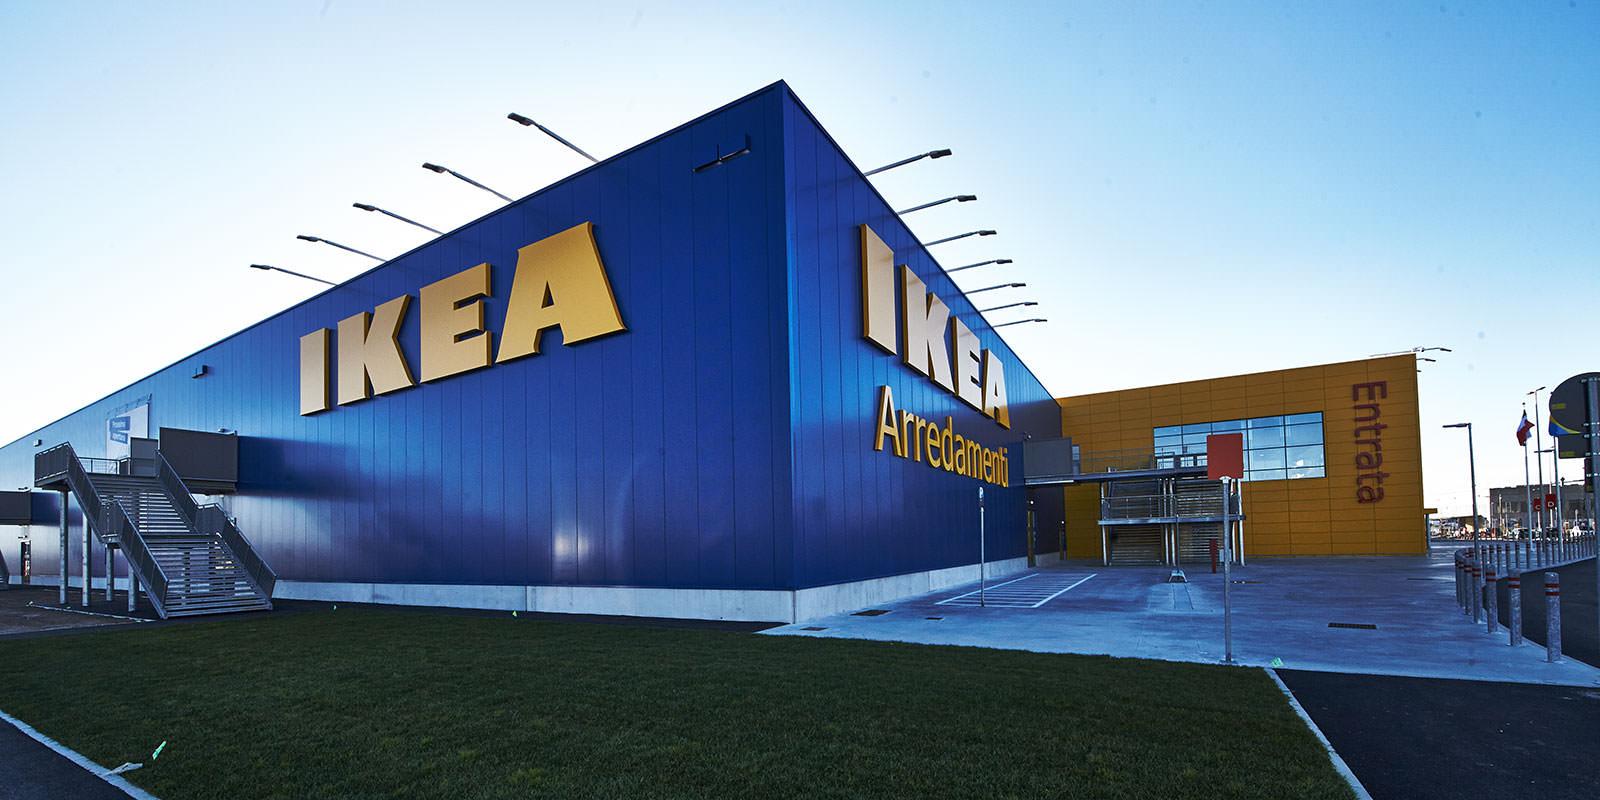 Ikea Pisa Potenzia Le Navette Bus Gratuite La Voce Degli Enti